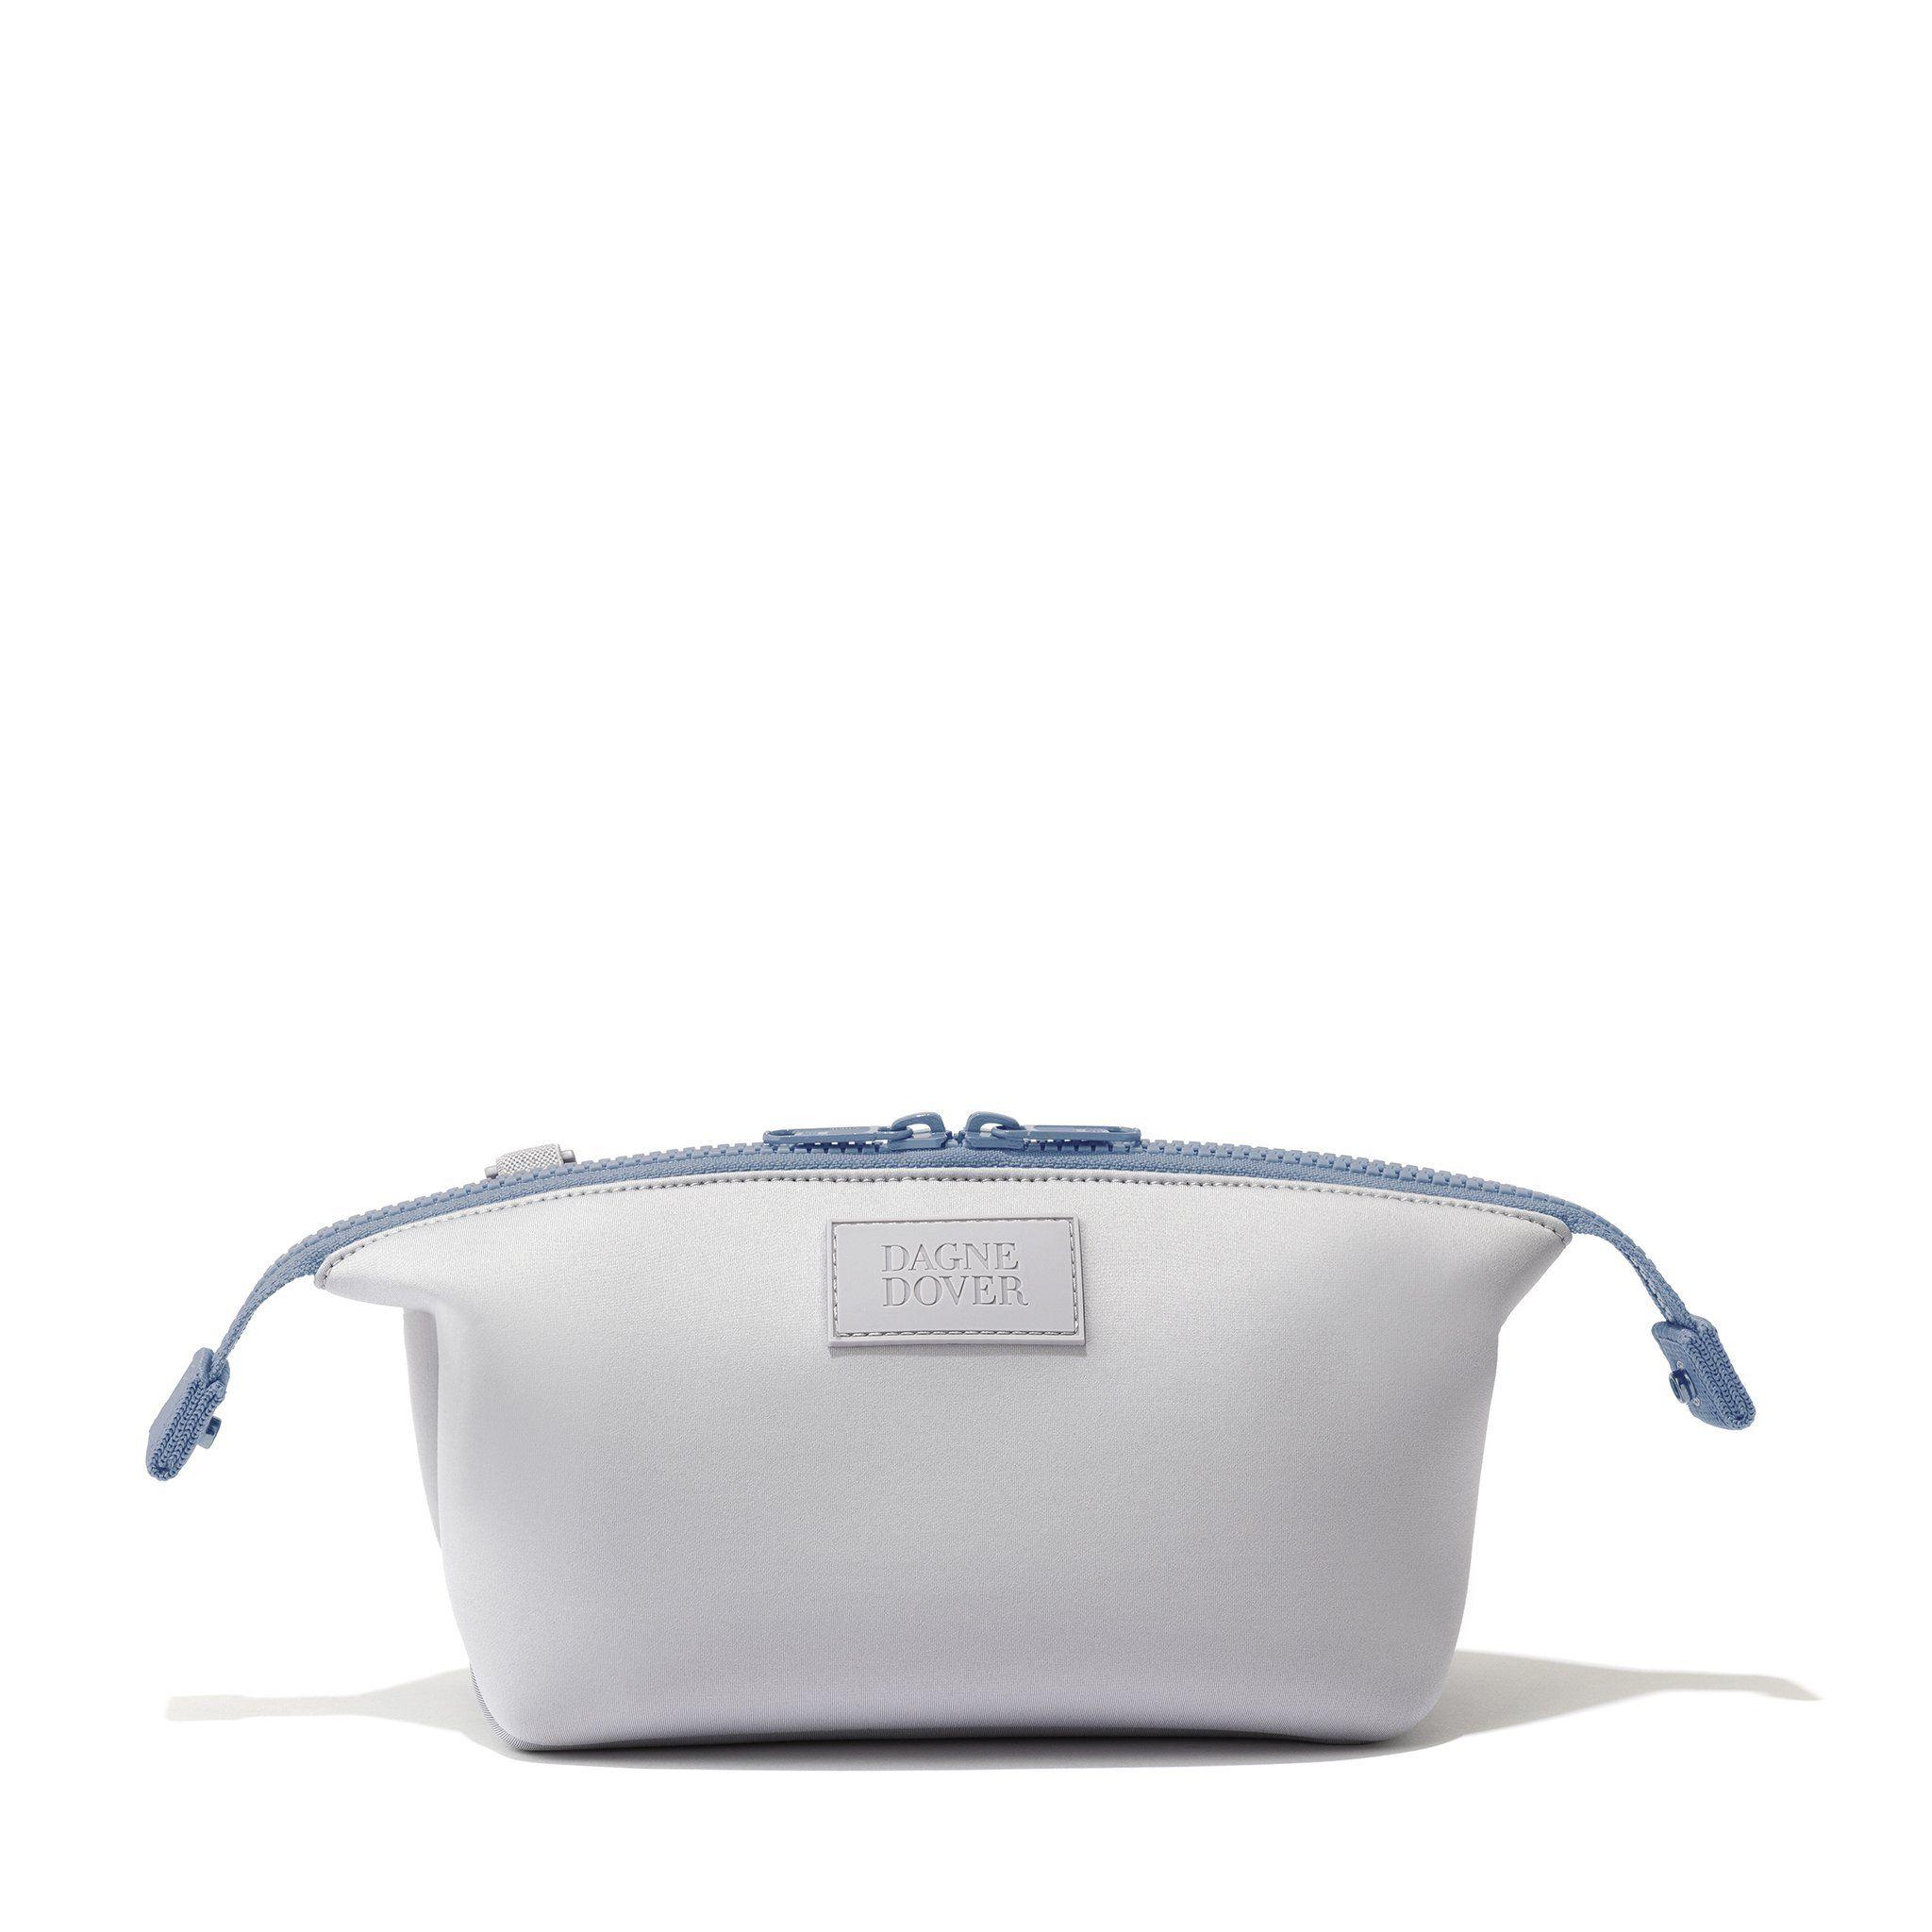 daa4295c89f9 Hunter Toiletry Bag for Men   Women - Lightweight Travel Toiletry Bag -  Dagne Dover